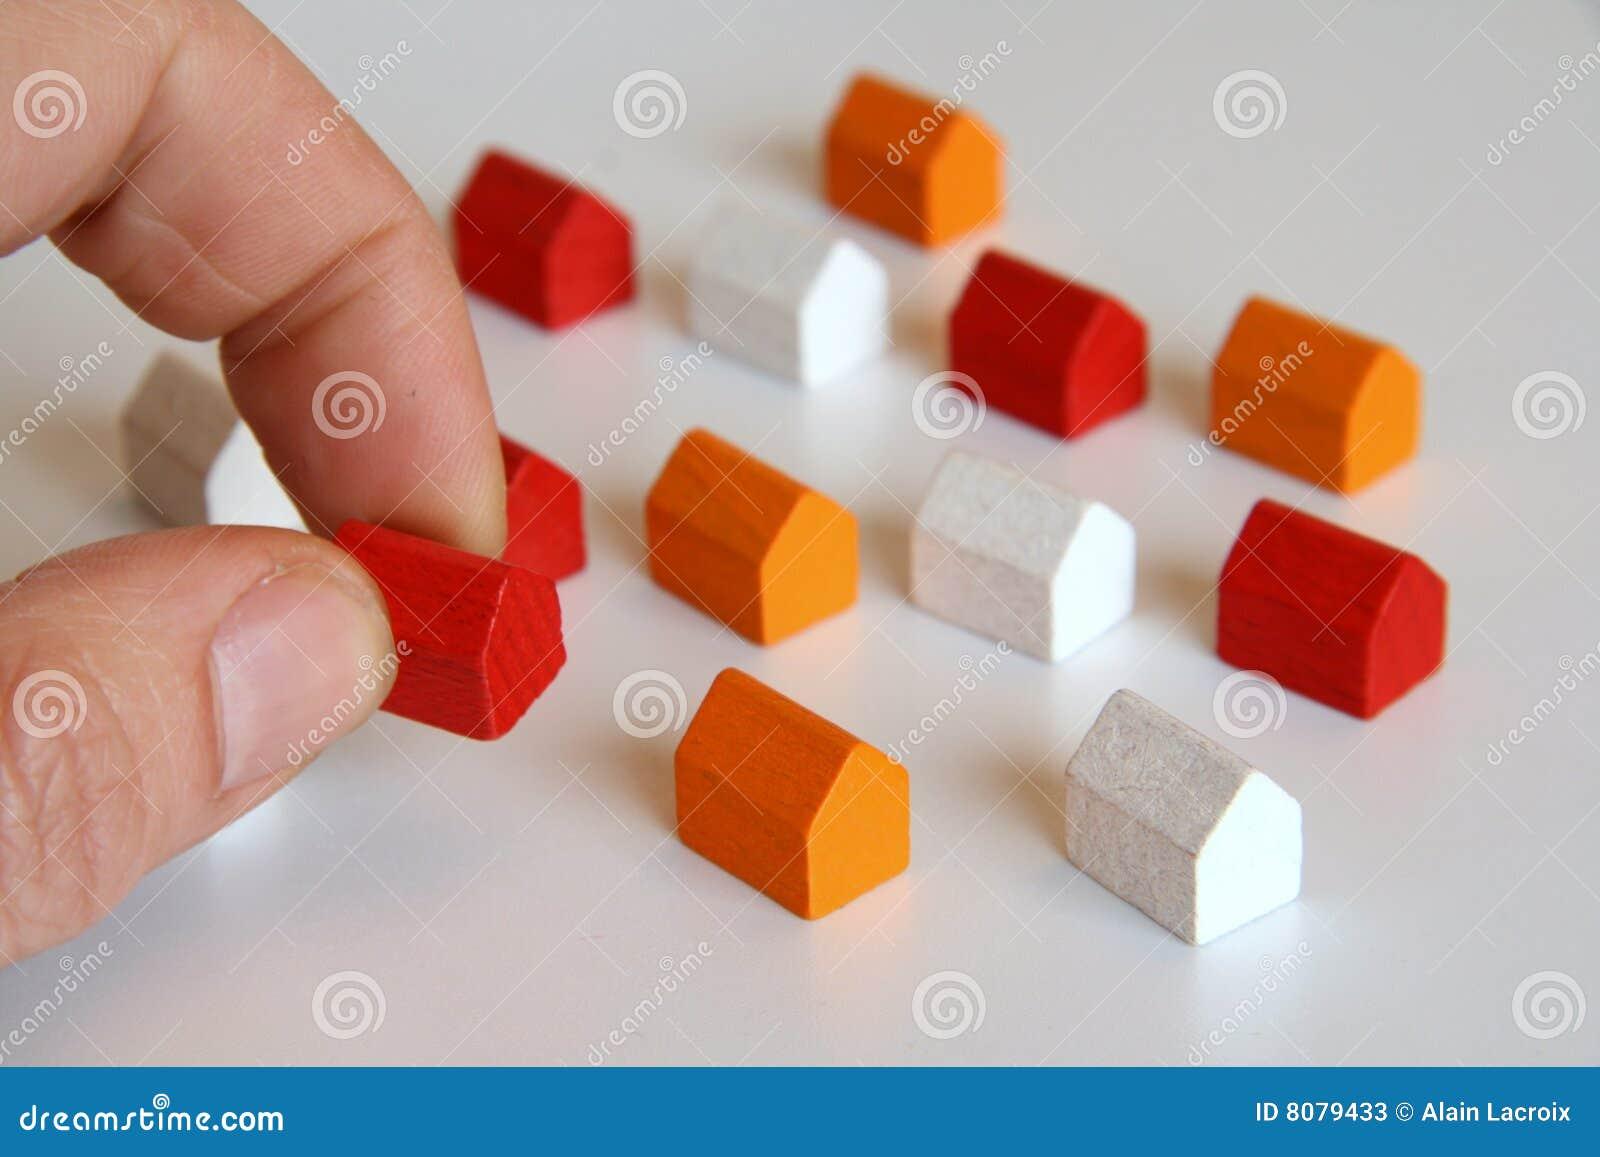 Planificación construir una casa